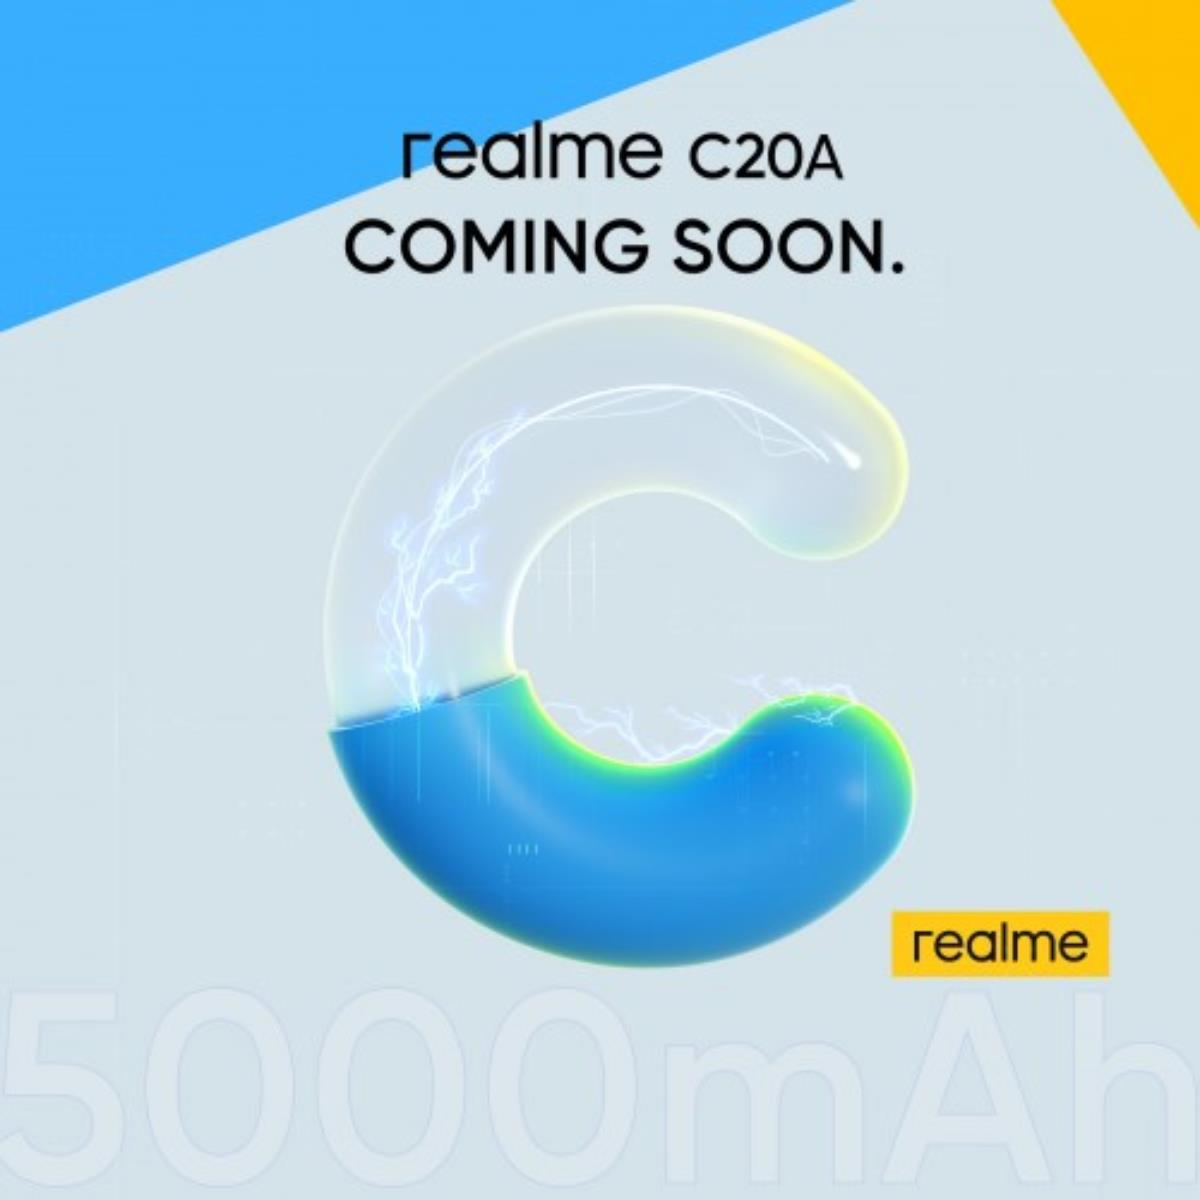 Data premiery Realme C20A ujawniona, choć nieoficjalnie